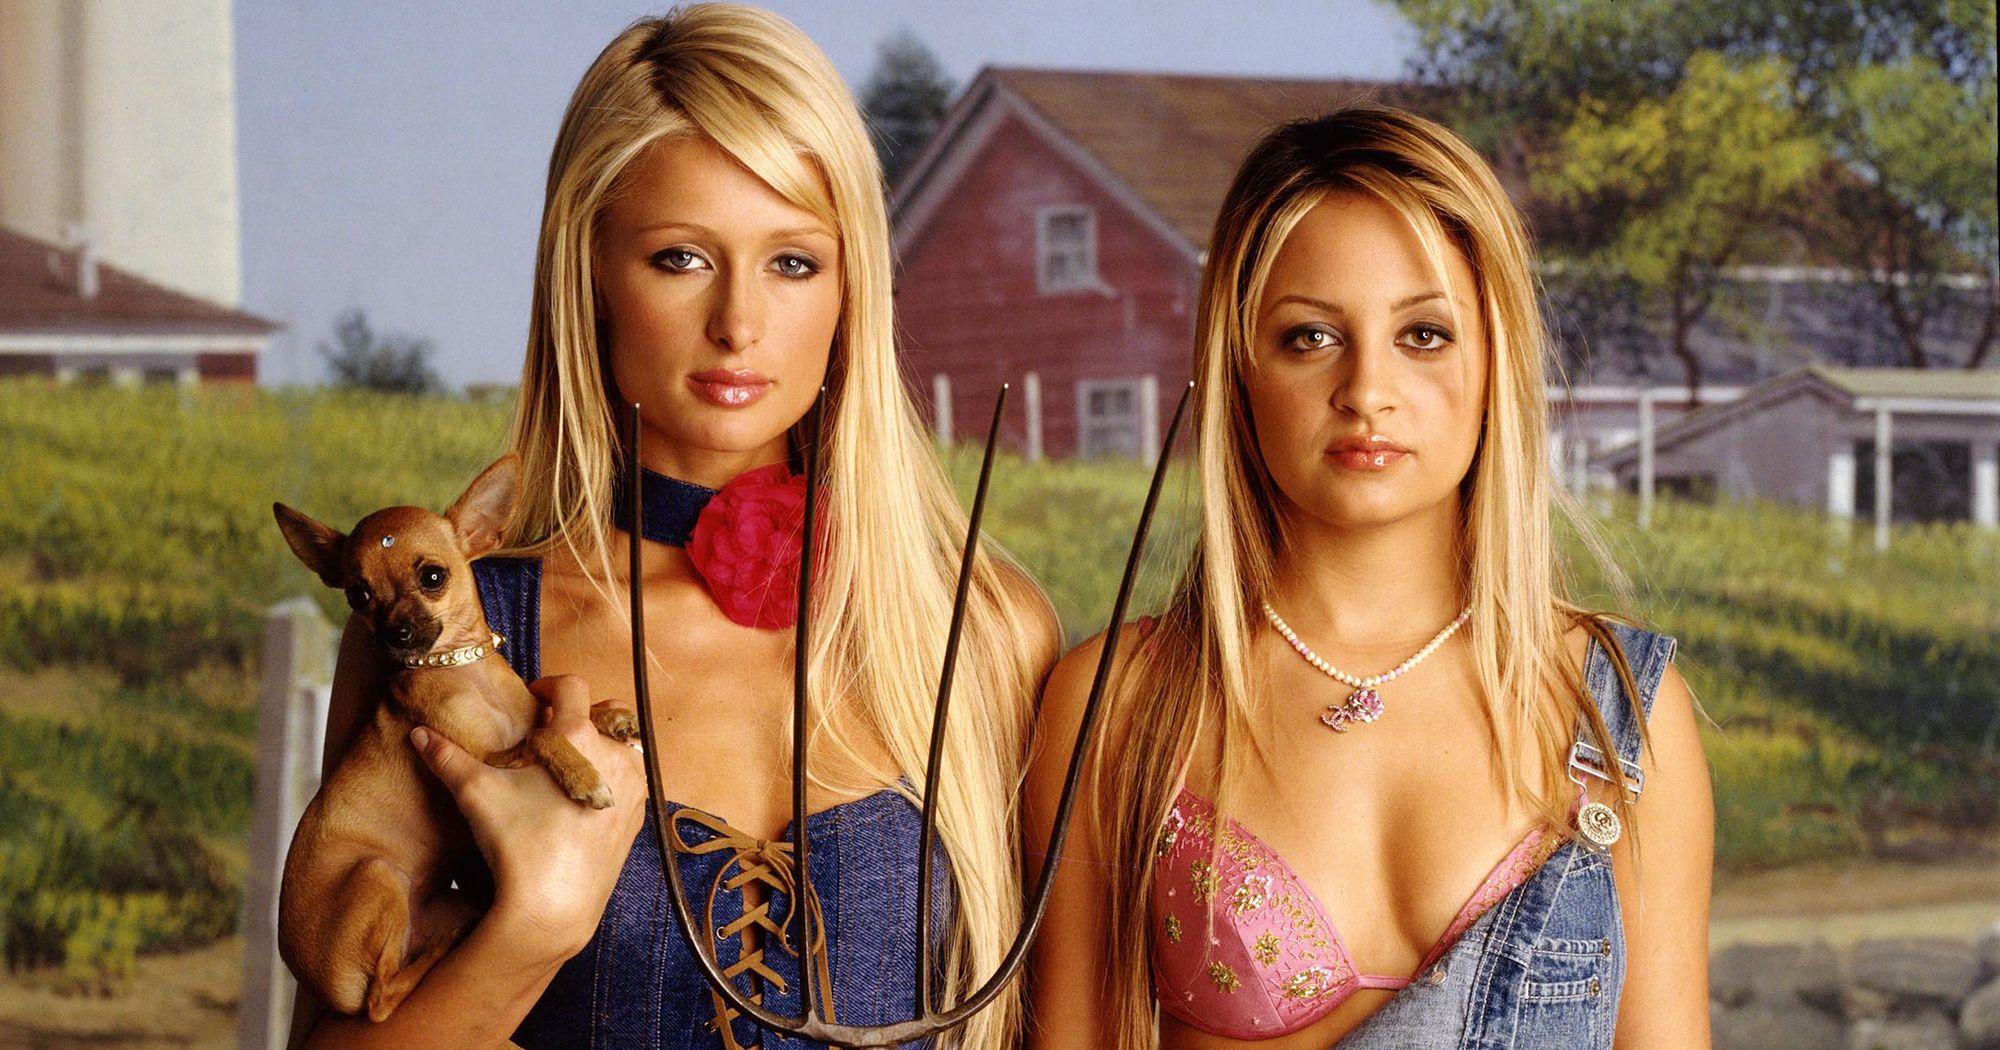 Θυμάστε το The Simple Life; Paris Hilton και Nicole Richie αποδεικνύονται οι δασκάλες του Influencing!